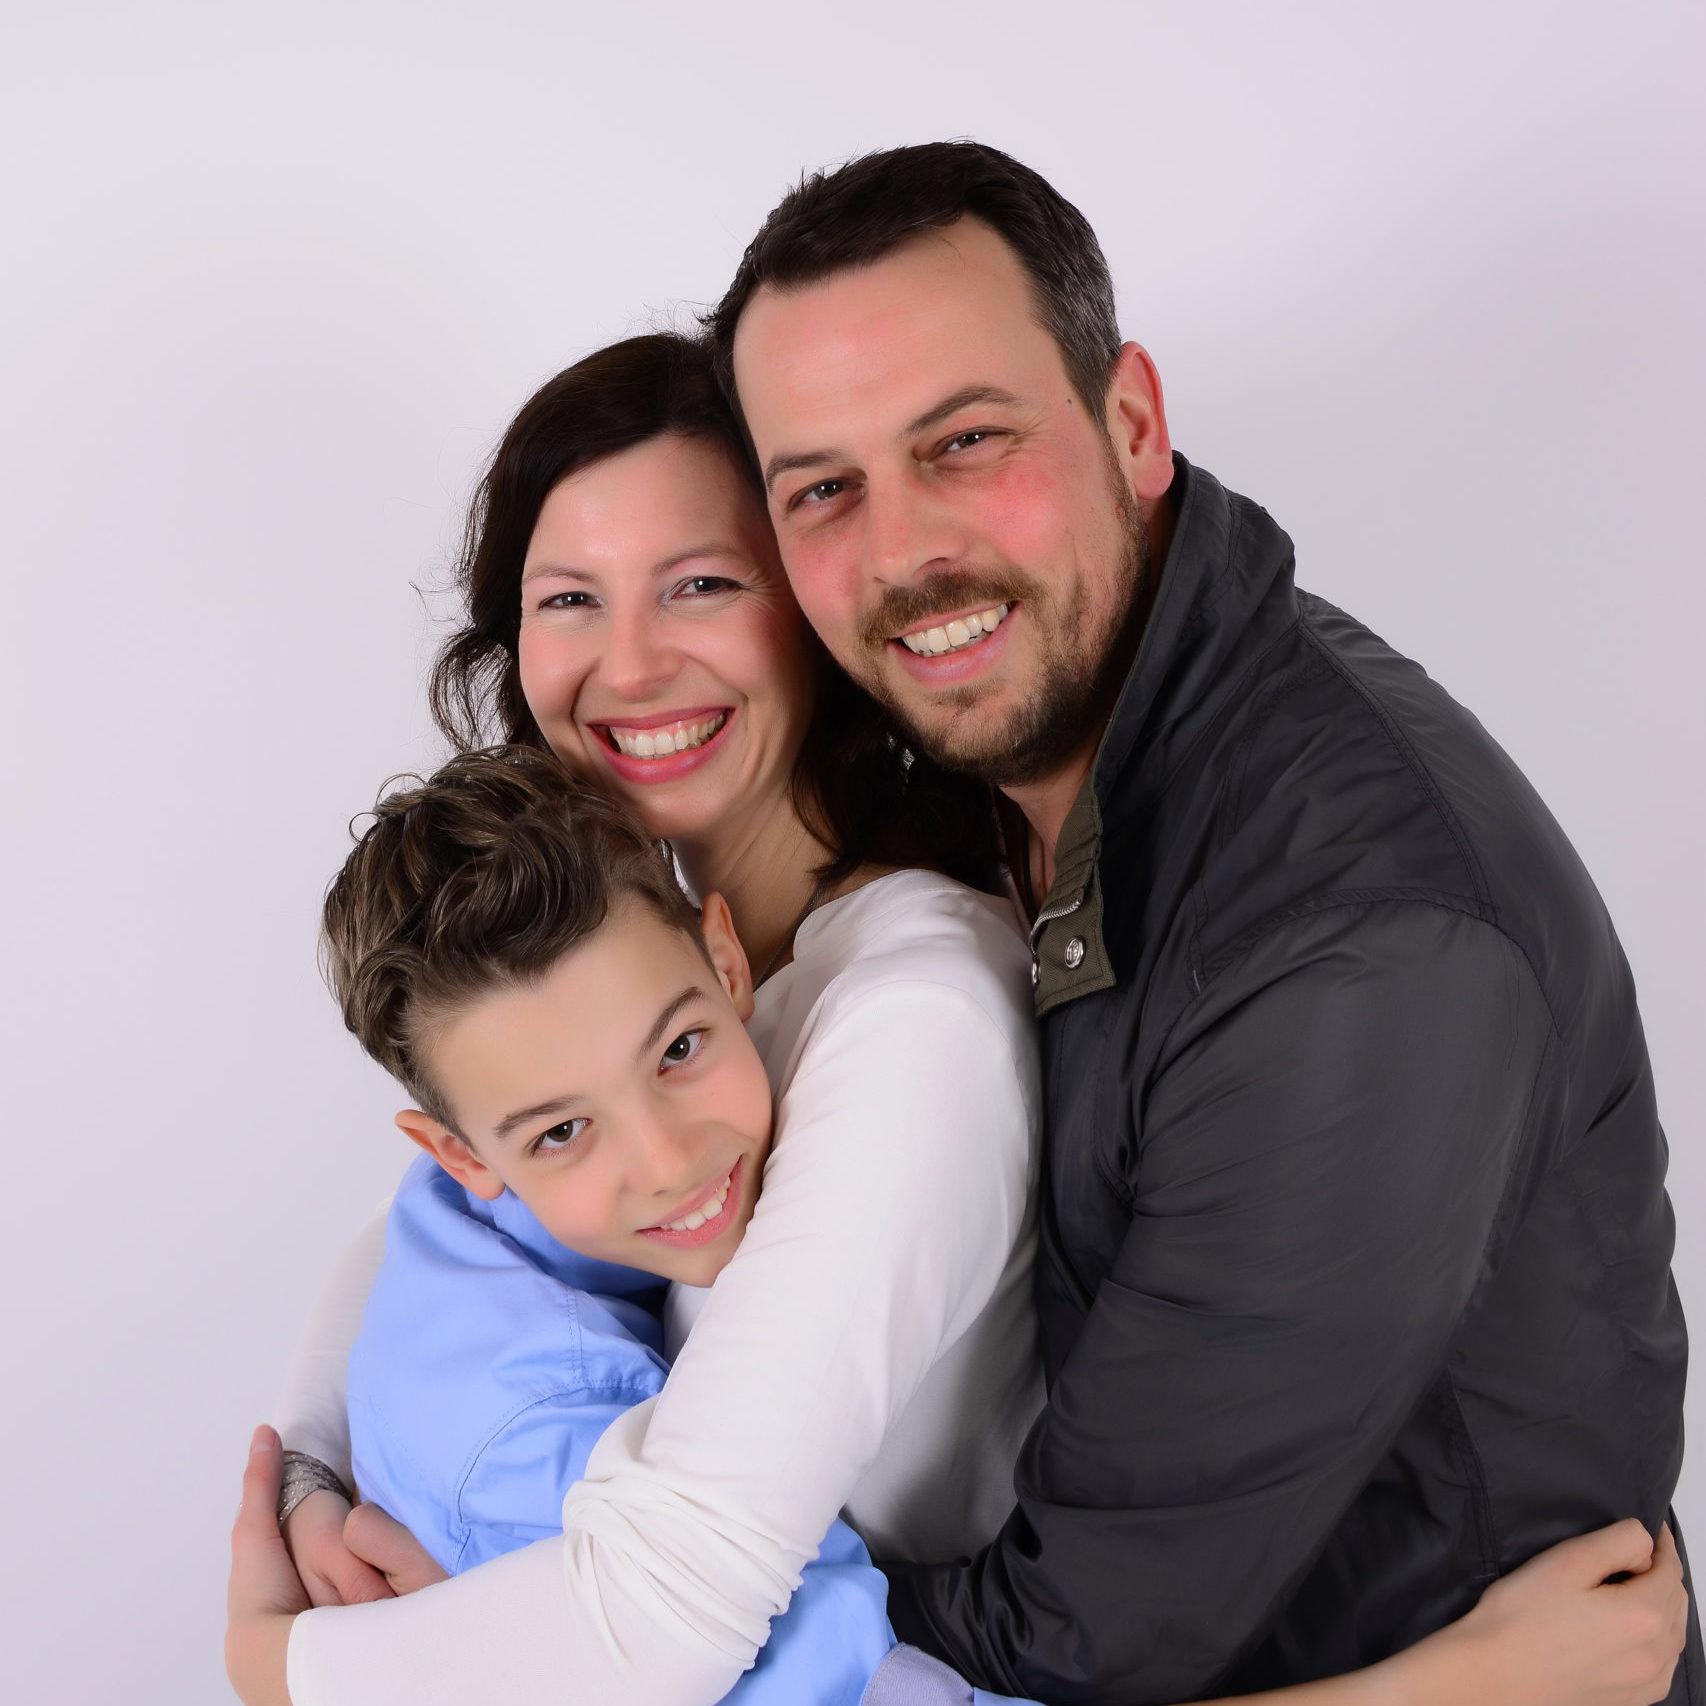 studio ludigrafie family